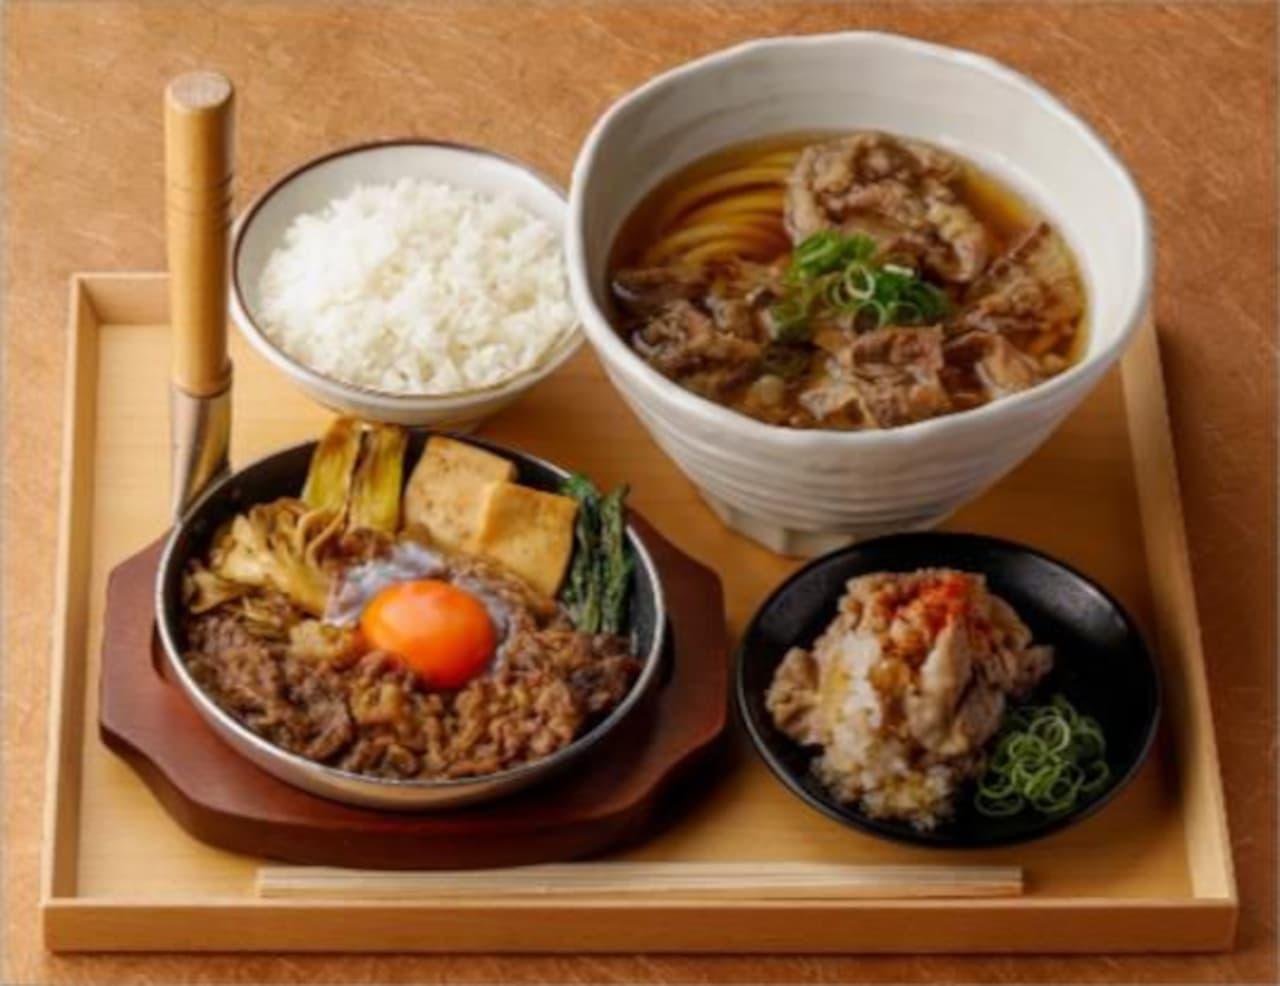 丸亀製麺で「神戸牛すき焼きうどん」「神戸牛づくし膳」